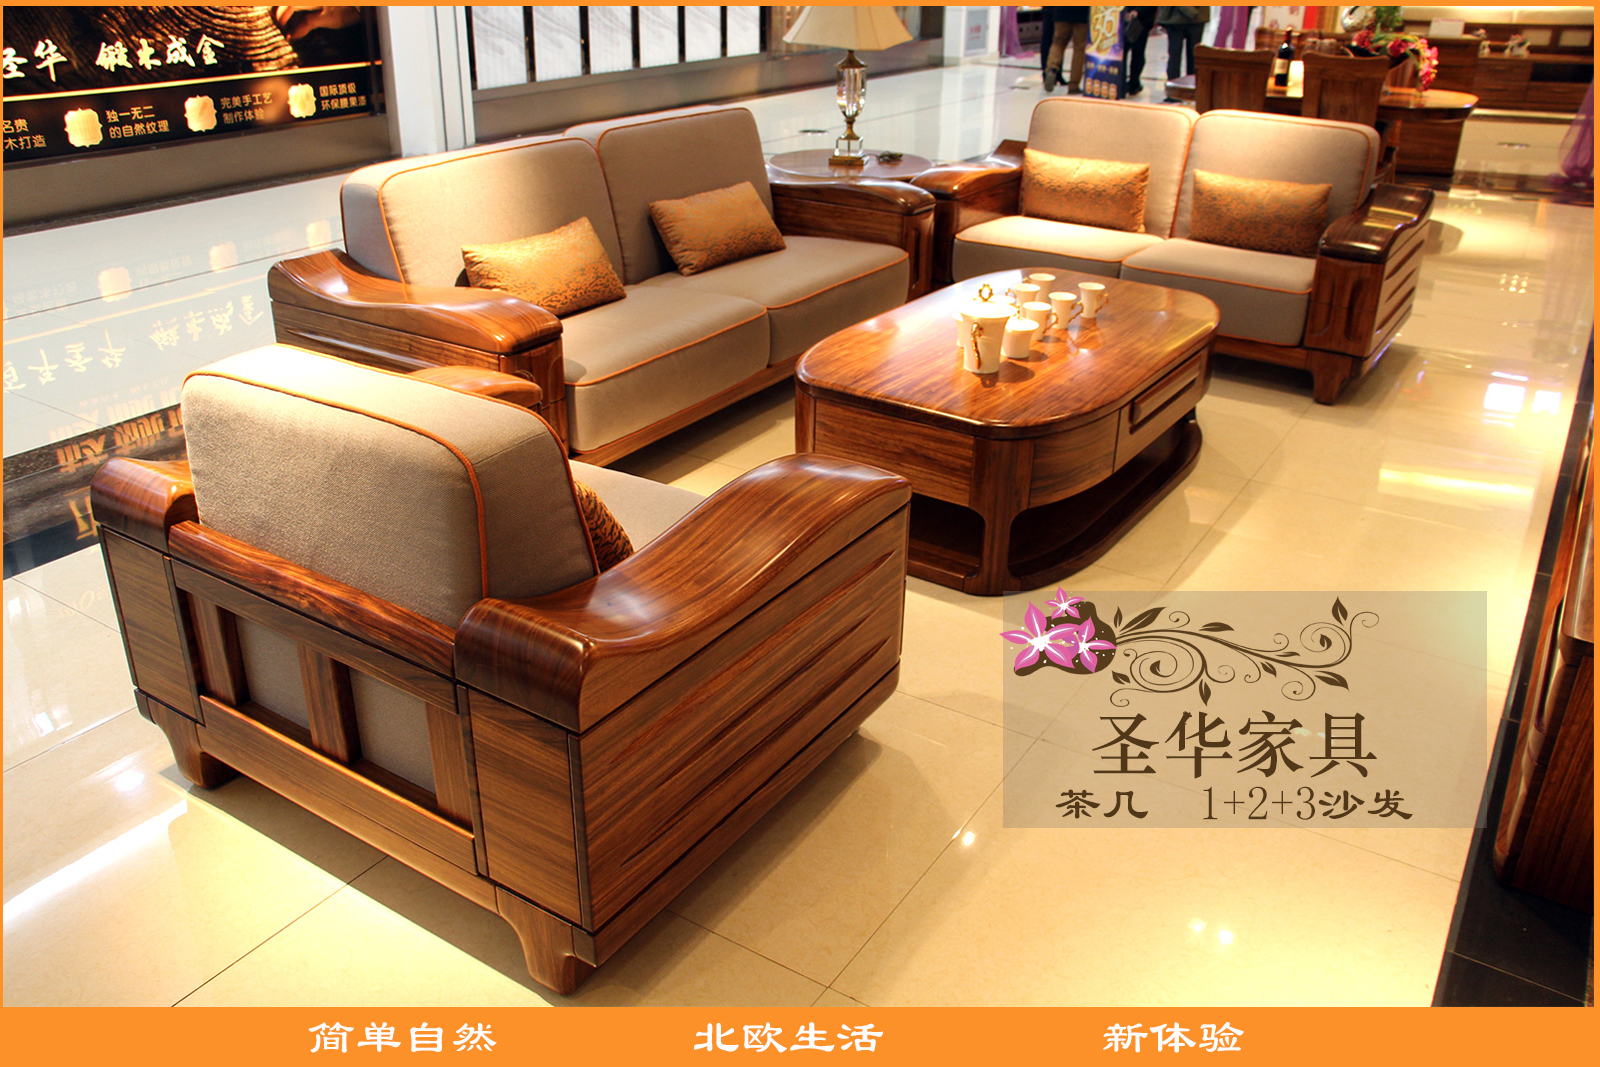 圣华家具一款能够增加家庭幸福感的家具